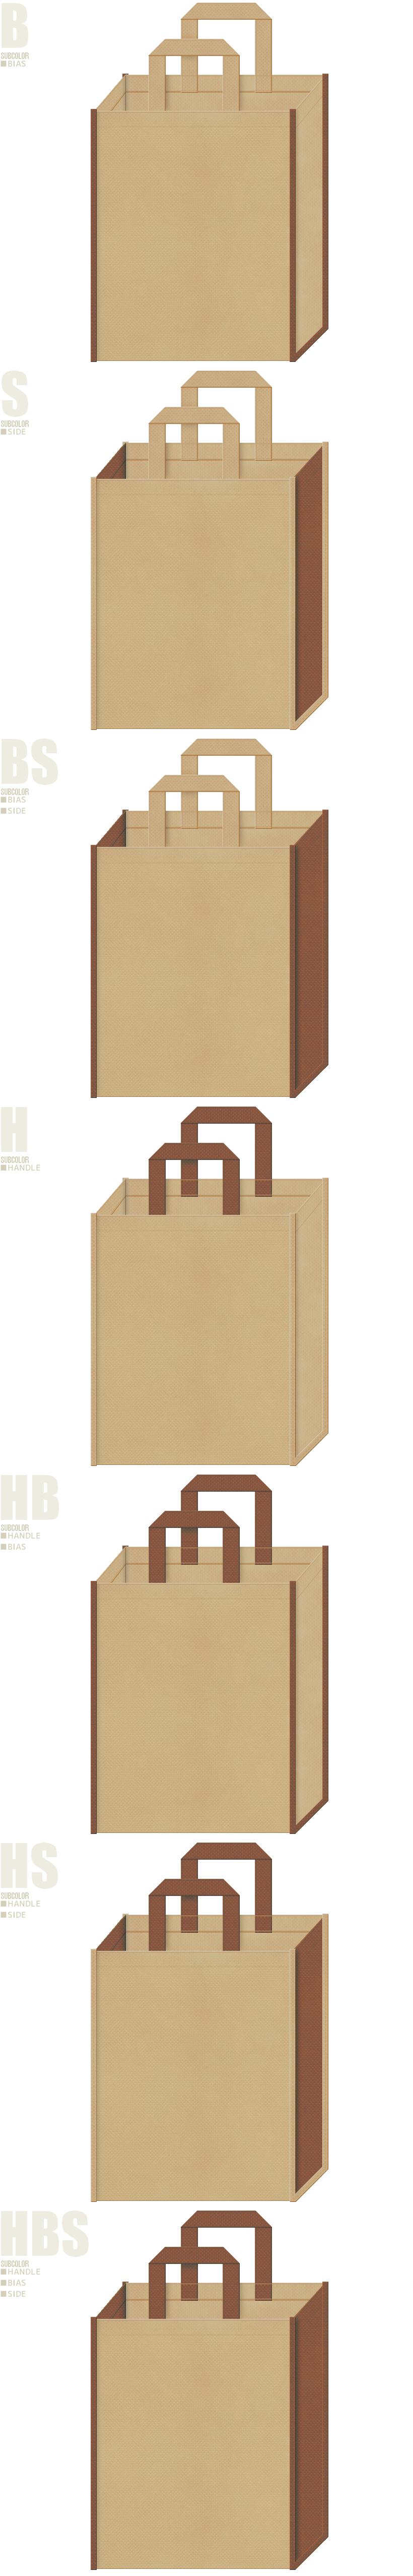 手芸・ぬいぐるみ・DIY・木製インテリア・住宅展示場・フードコート・レストラン・カフェテリア・もなか・饅頭・和菓子・煎餅・しょうゆ・めんつゆ・かつおぶし・しいたけ・じゃがいも・クッキー・スイーツ・ベーカリーショップにお奨めの不織布バッグデザイン:カーキ色と茶色の配色7パターン